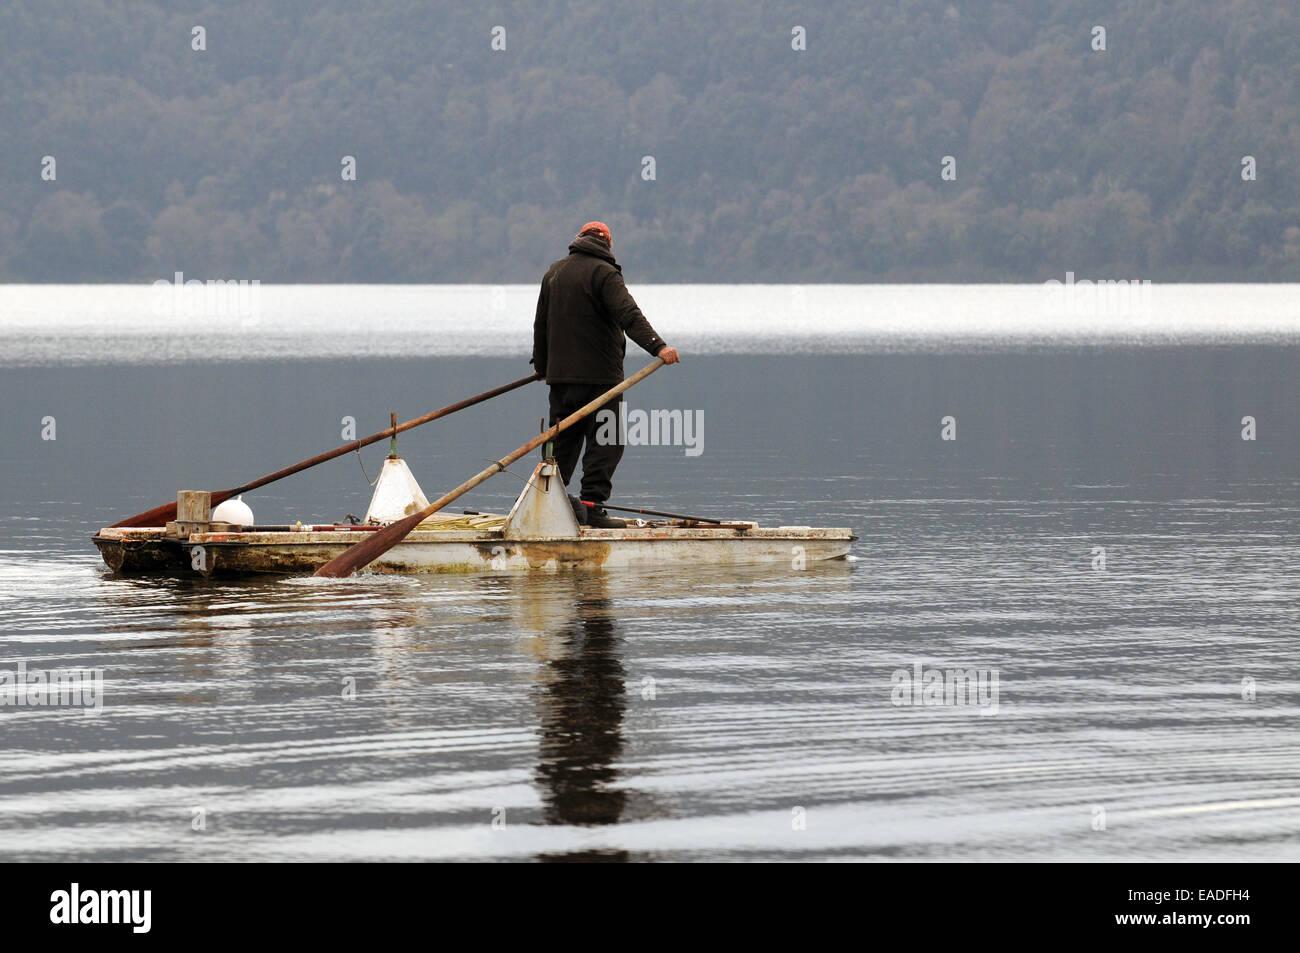 Pescador trabajando en un lago italiano. - Stock Image